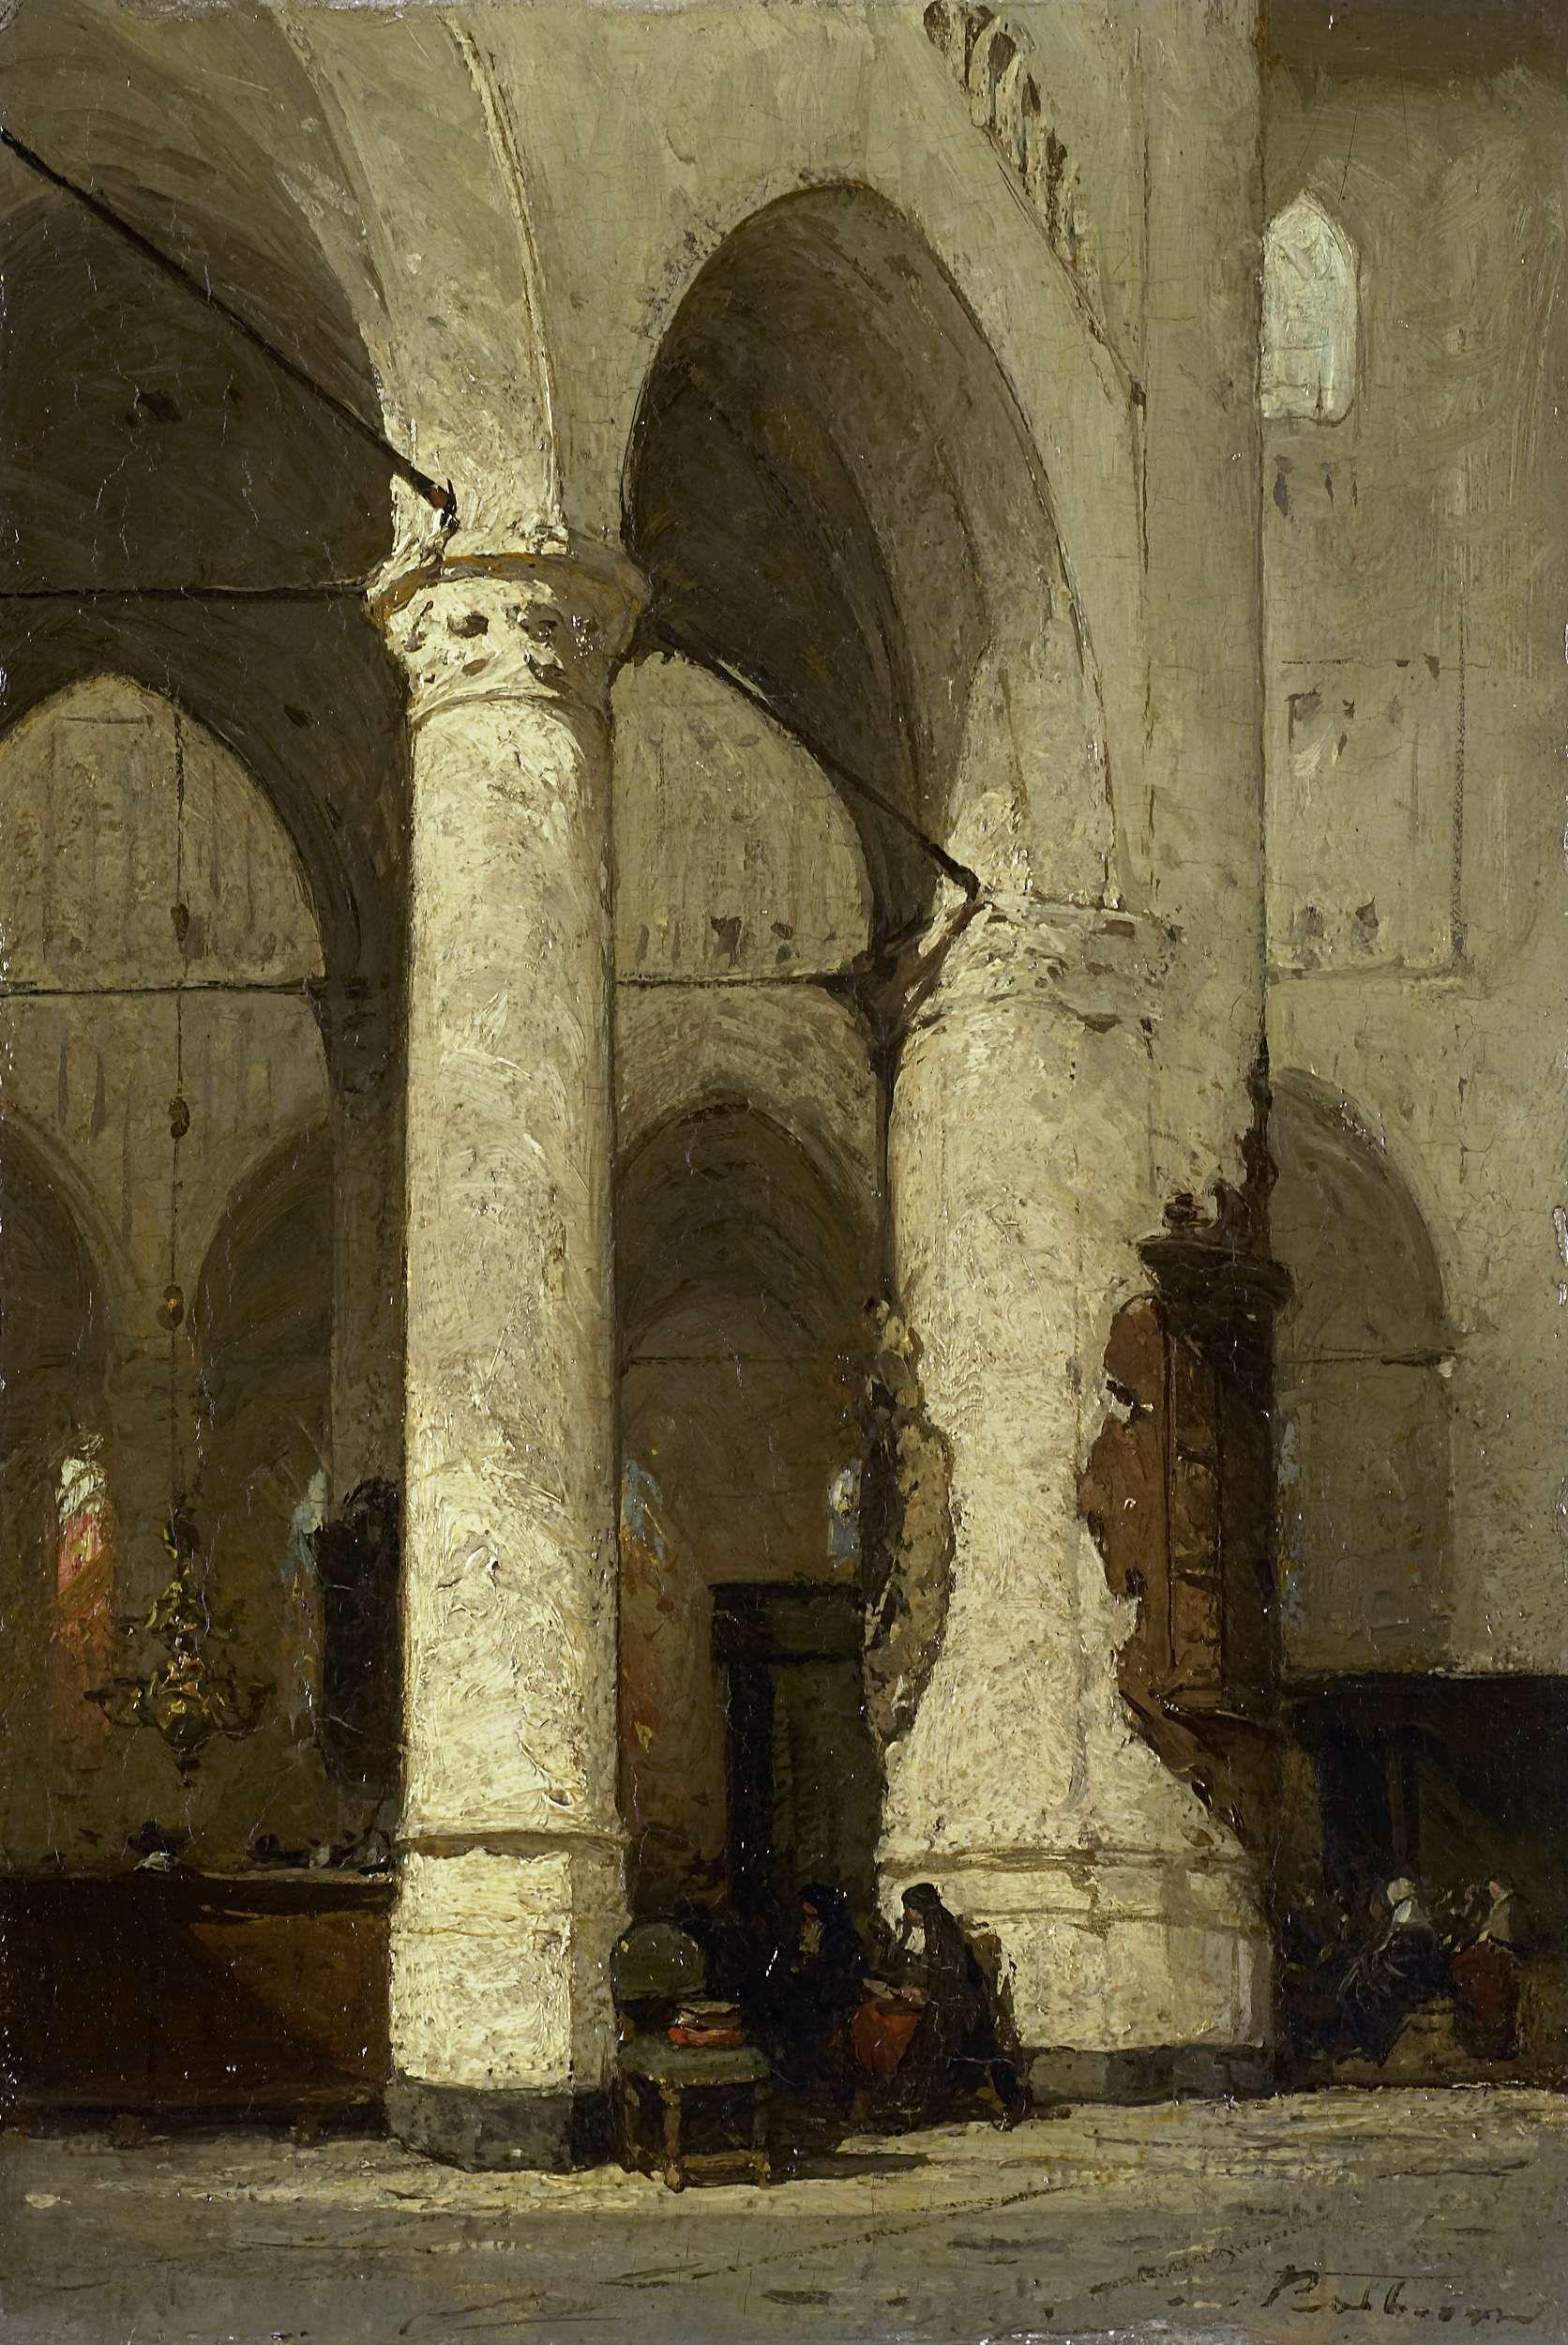 Johannes Bosboom   Interior of the 'Hooglandse' Church, Leiden, Johannes Bosboom, c. 1840 - c. 1891   Kerkinterieur. Interieur van de Hooglandsche Kerk te Leiden. Zittende figuren tussen de zuilen.